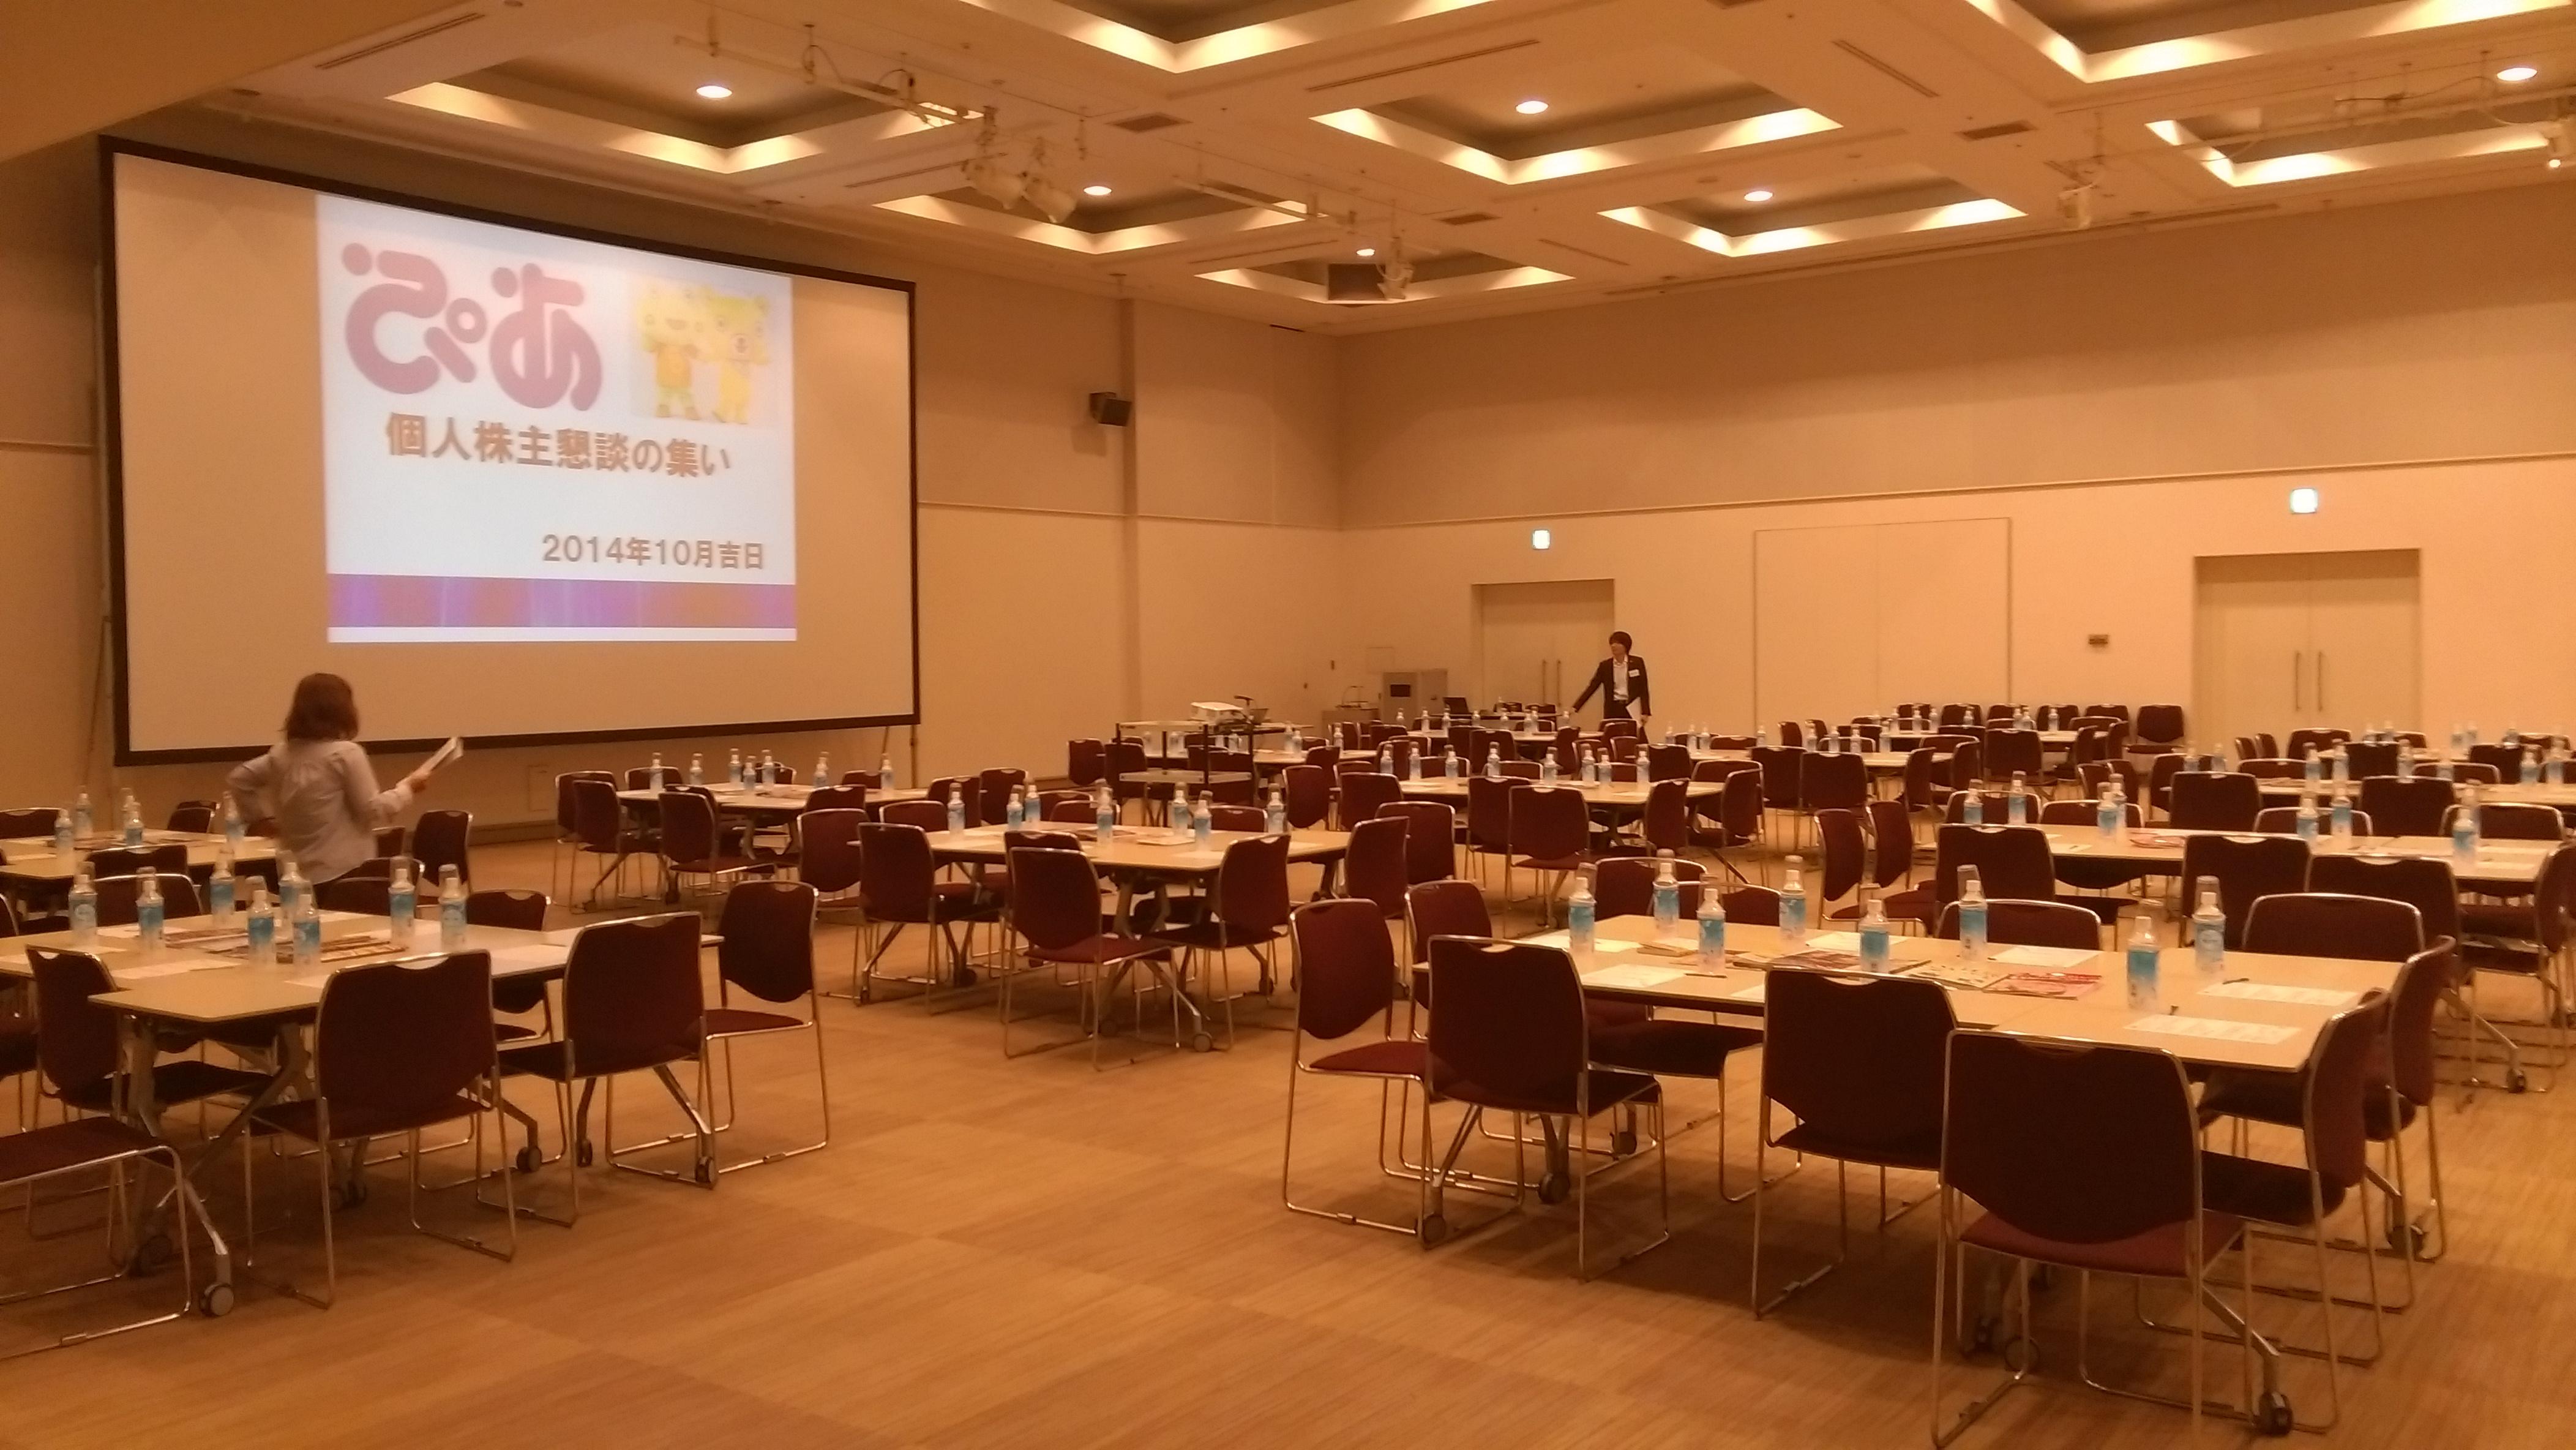 台風の中、ぴあ株主懇談会開催@パシフィコ横浜